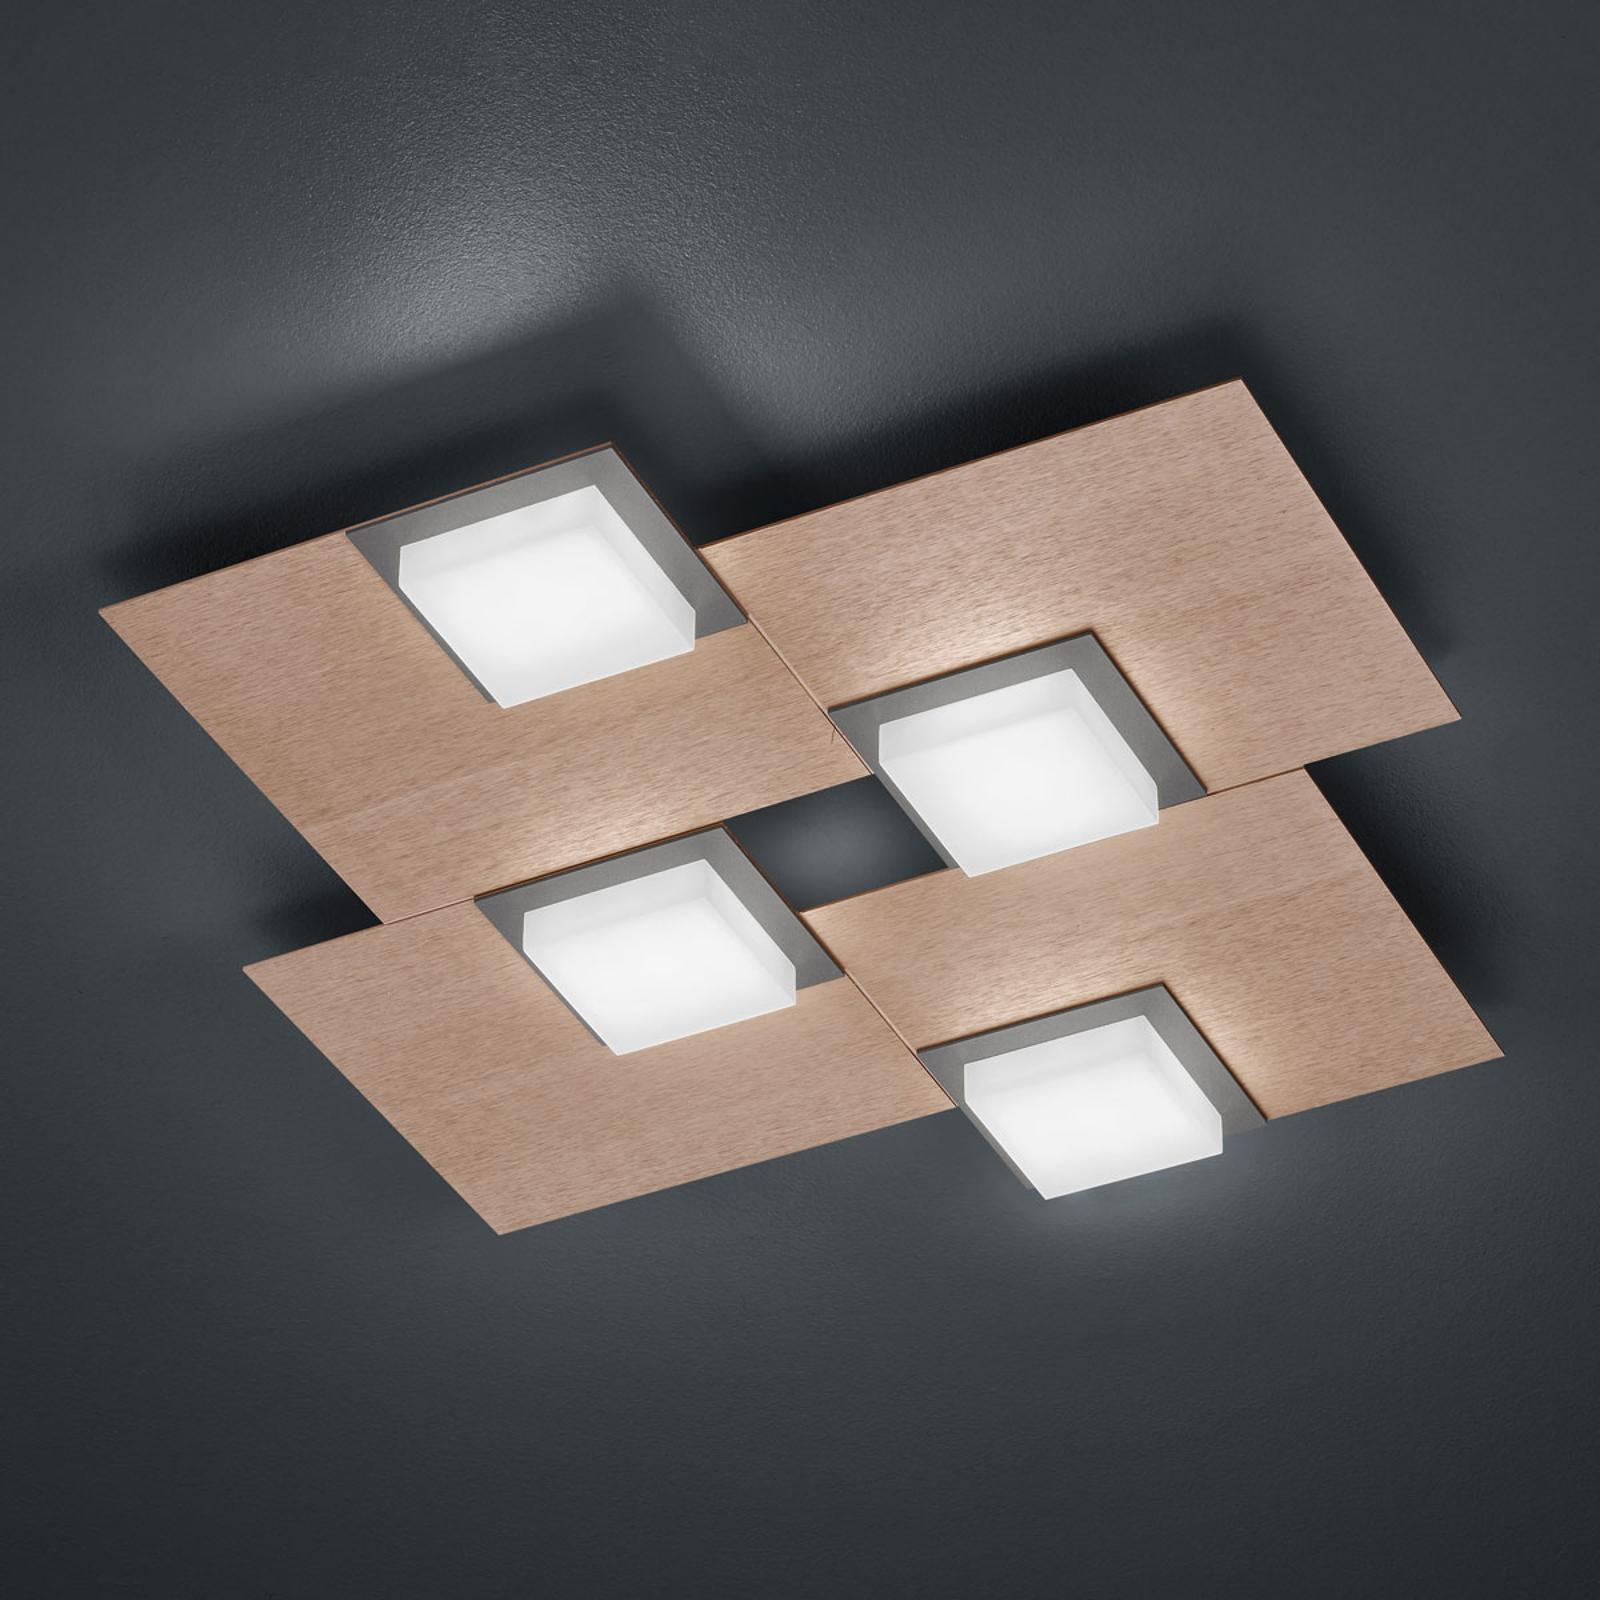 BANKAMP Quadro lampa sufitowa LED 32W różowe złoto